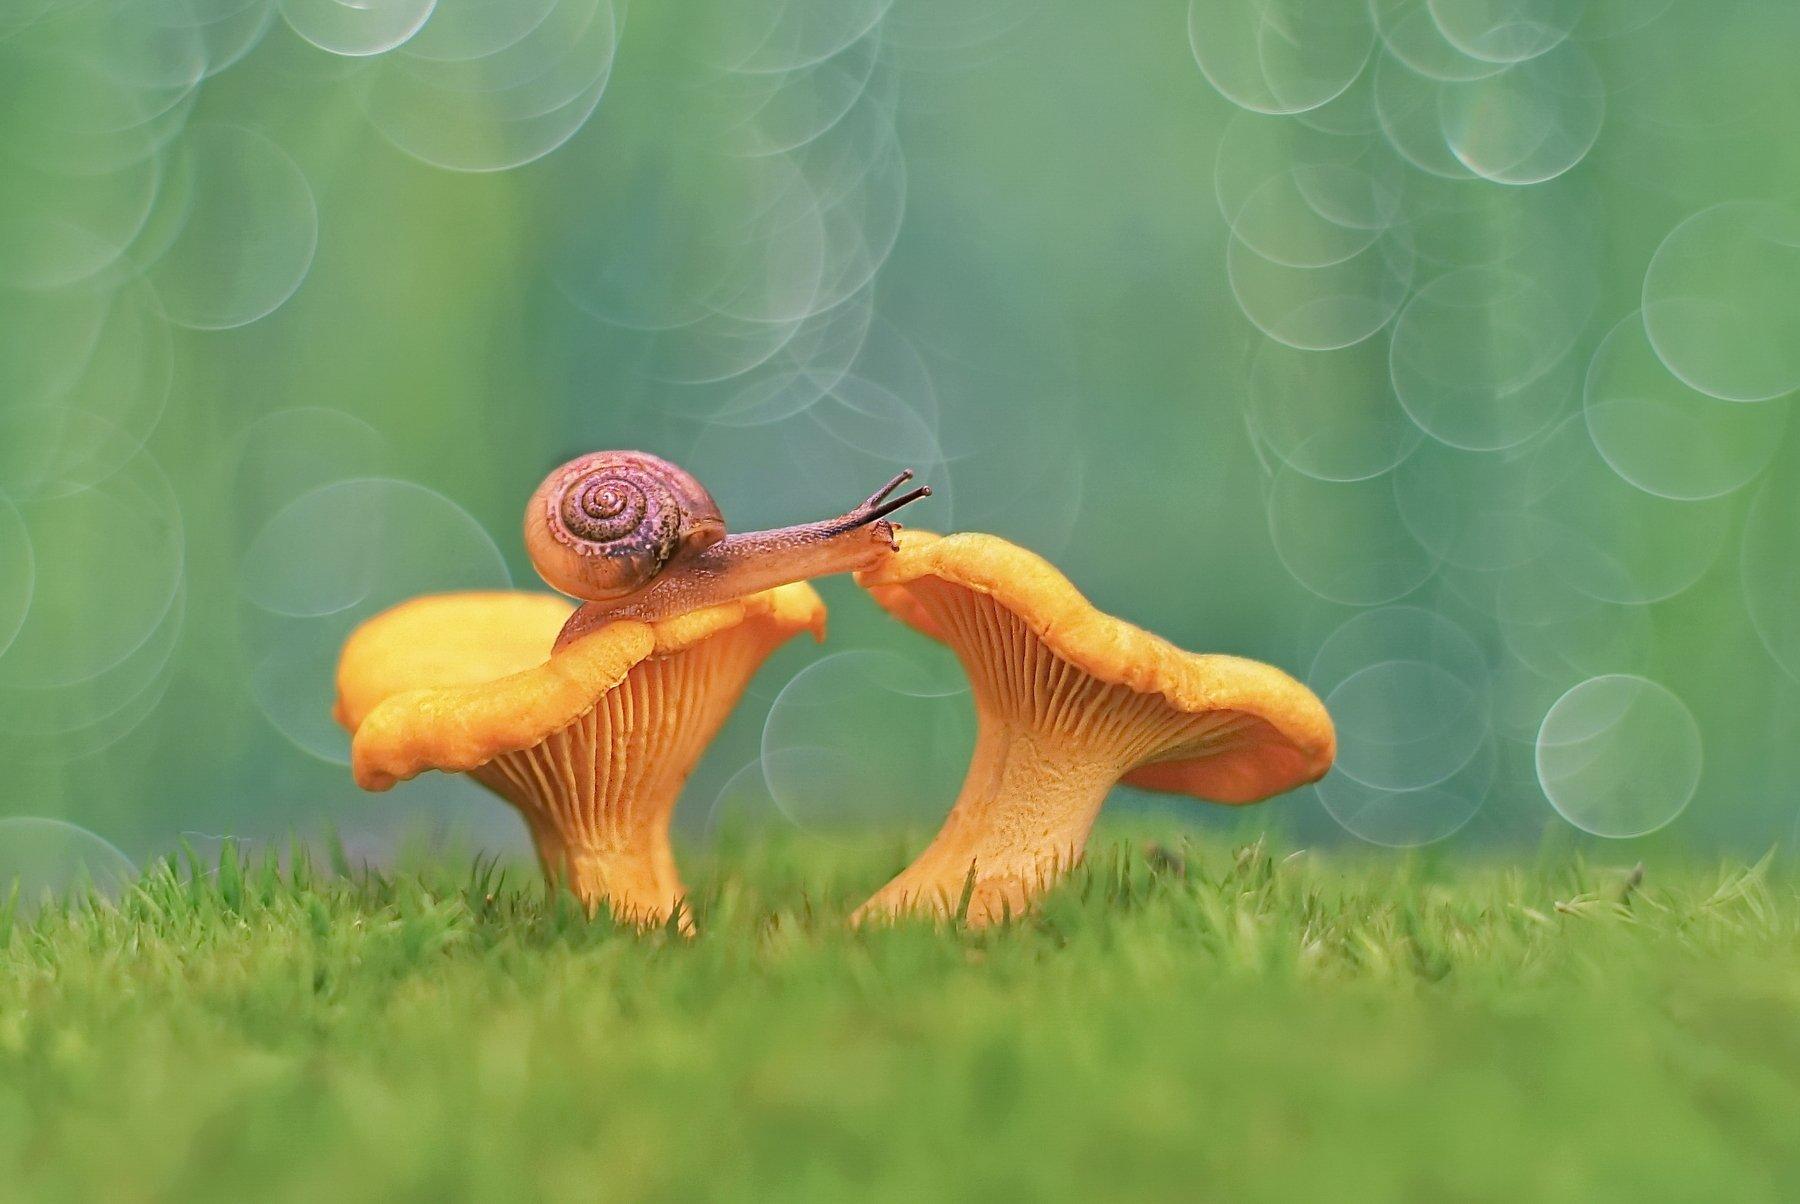 грибы, природа, макро, юпитер-8, Александр Гвоздь